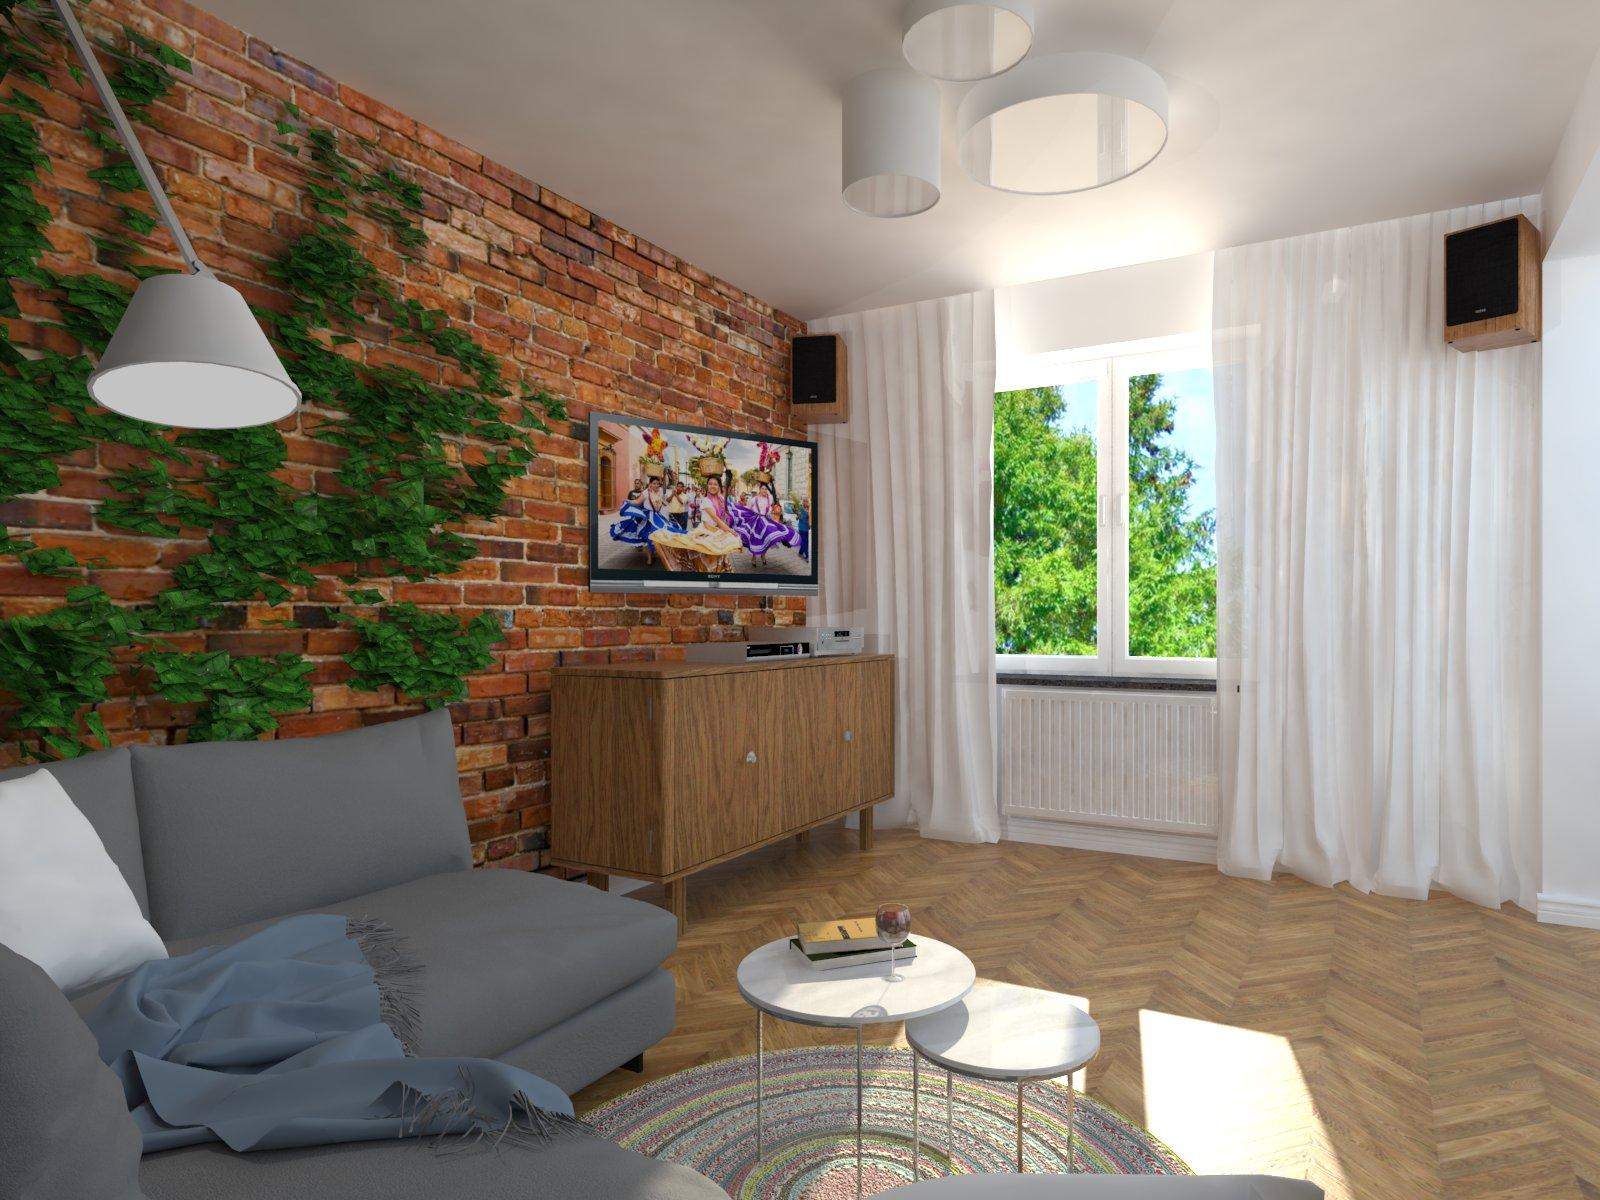 projekt salonu Tychy, projektowanie wnętrz Tychy, architekt wnętrz Tychy